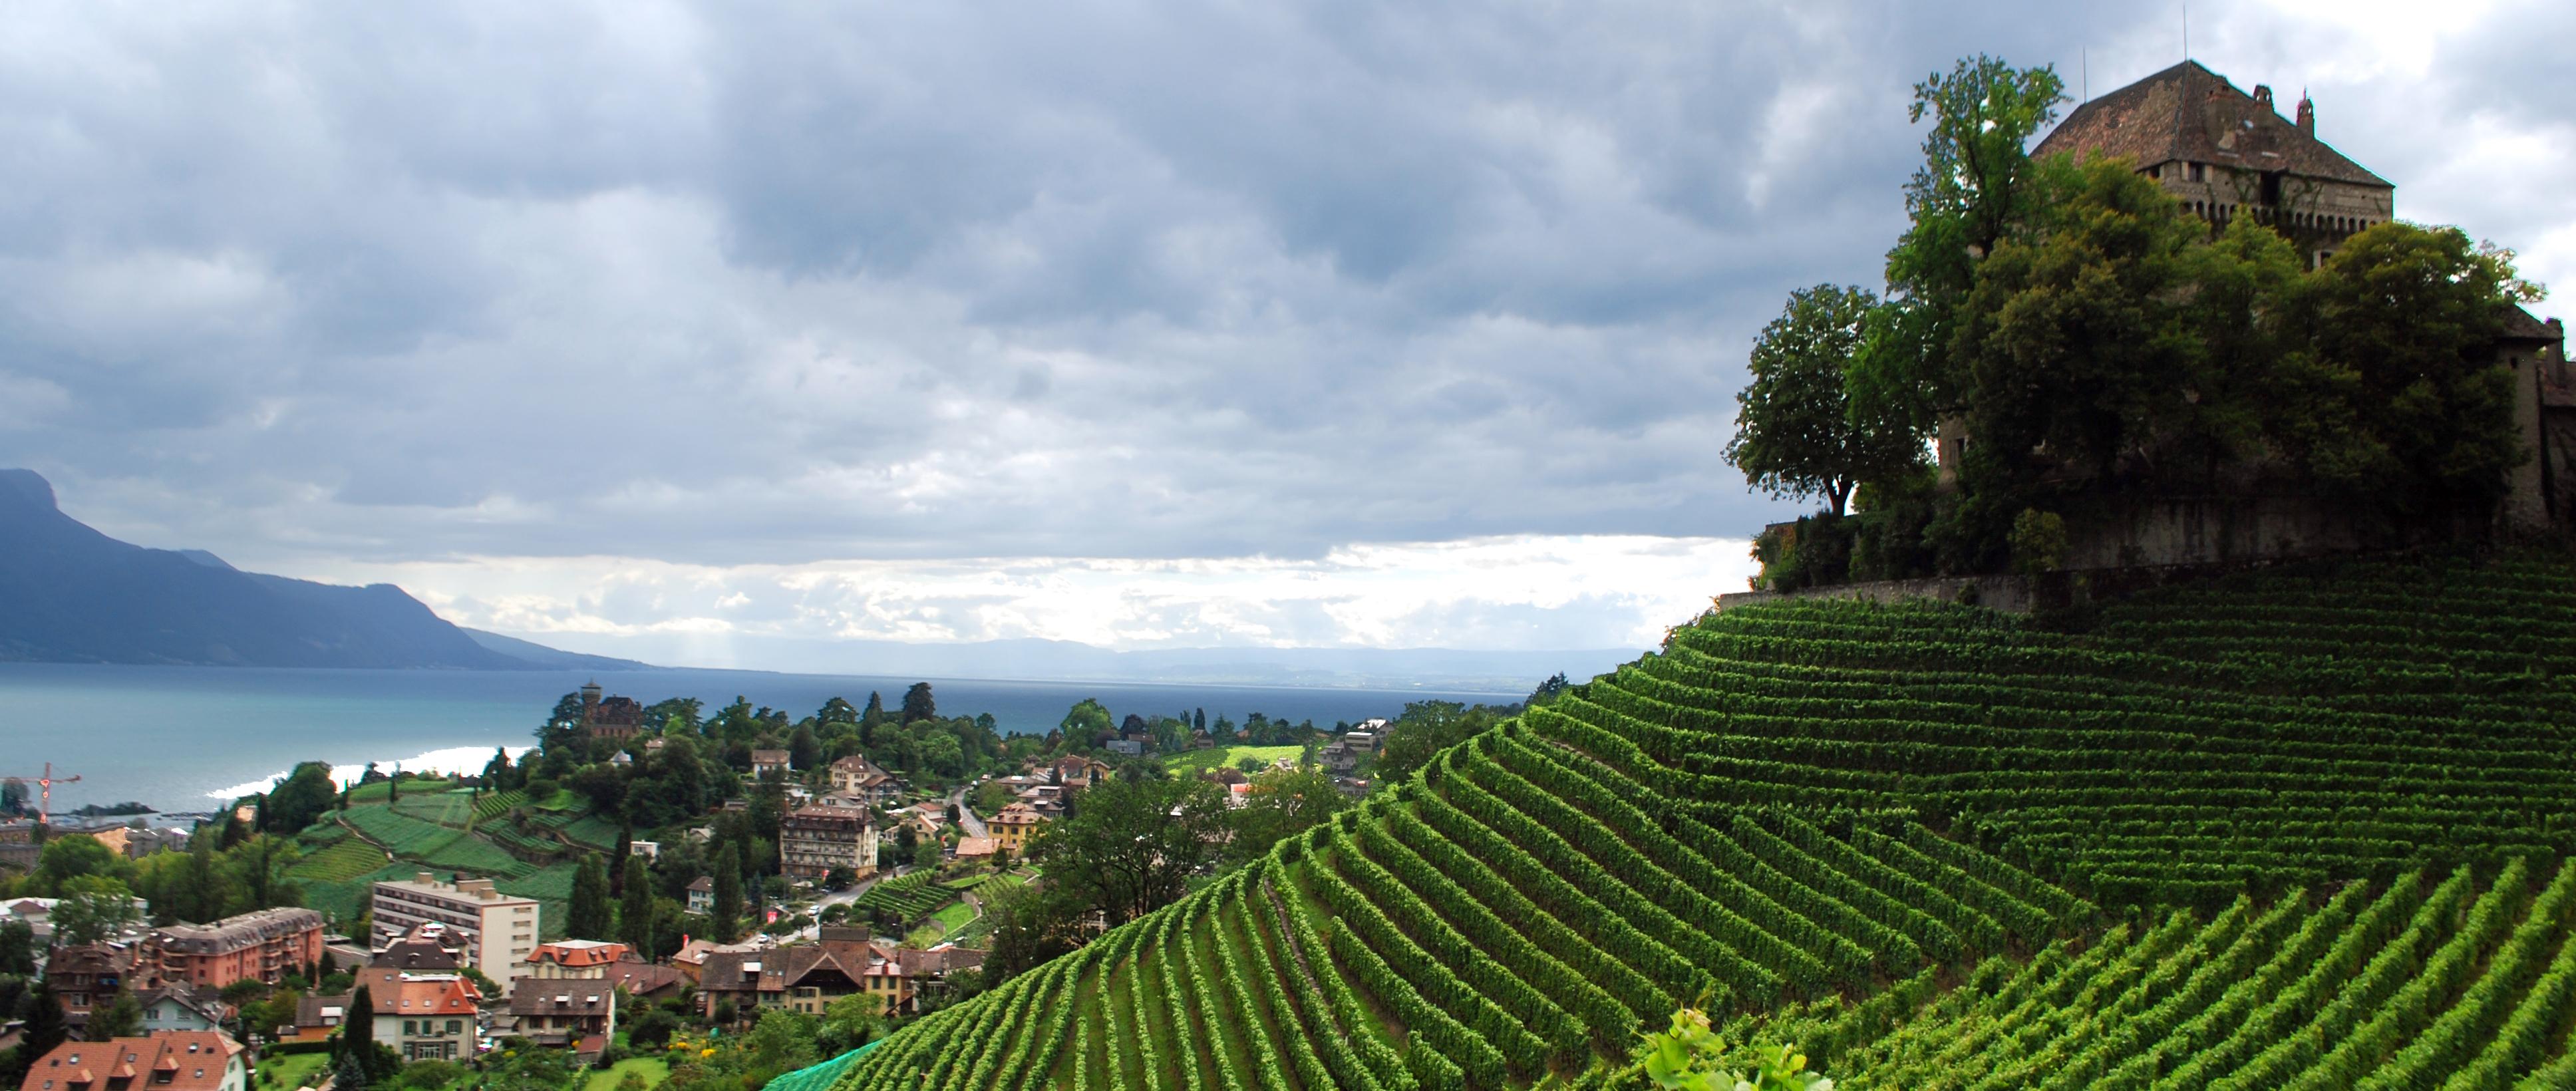 Welche Schweizer Rebberge sind einen Ausflug wert?